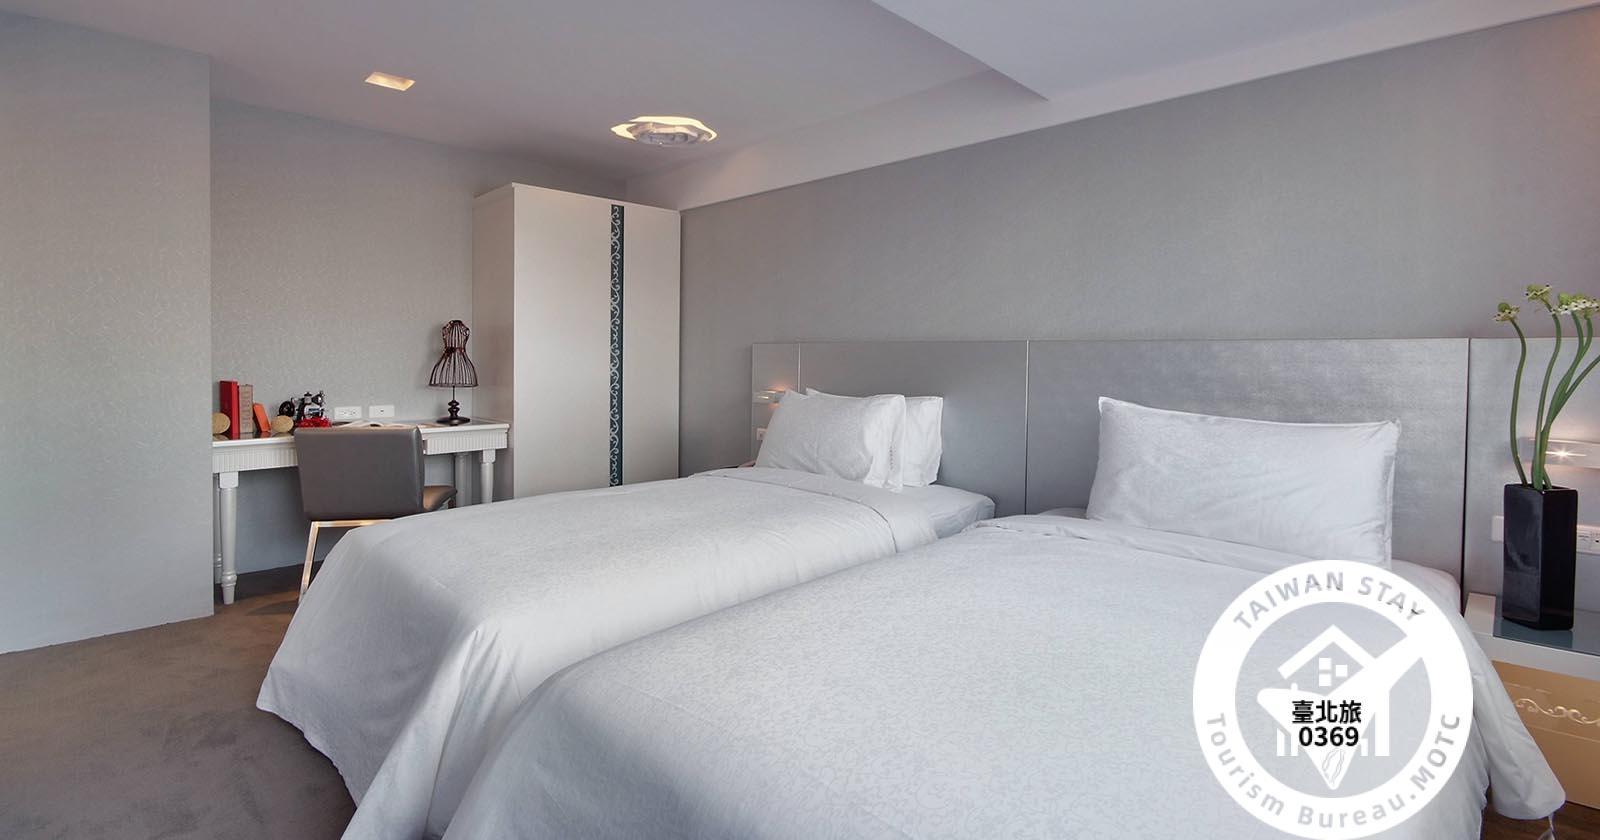 精緻客房兩小床照片_1